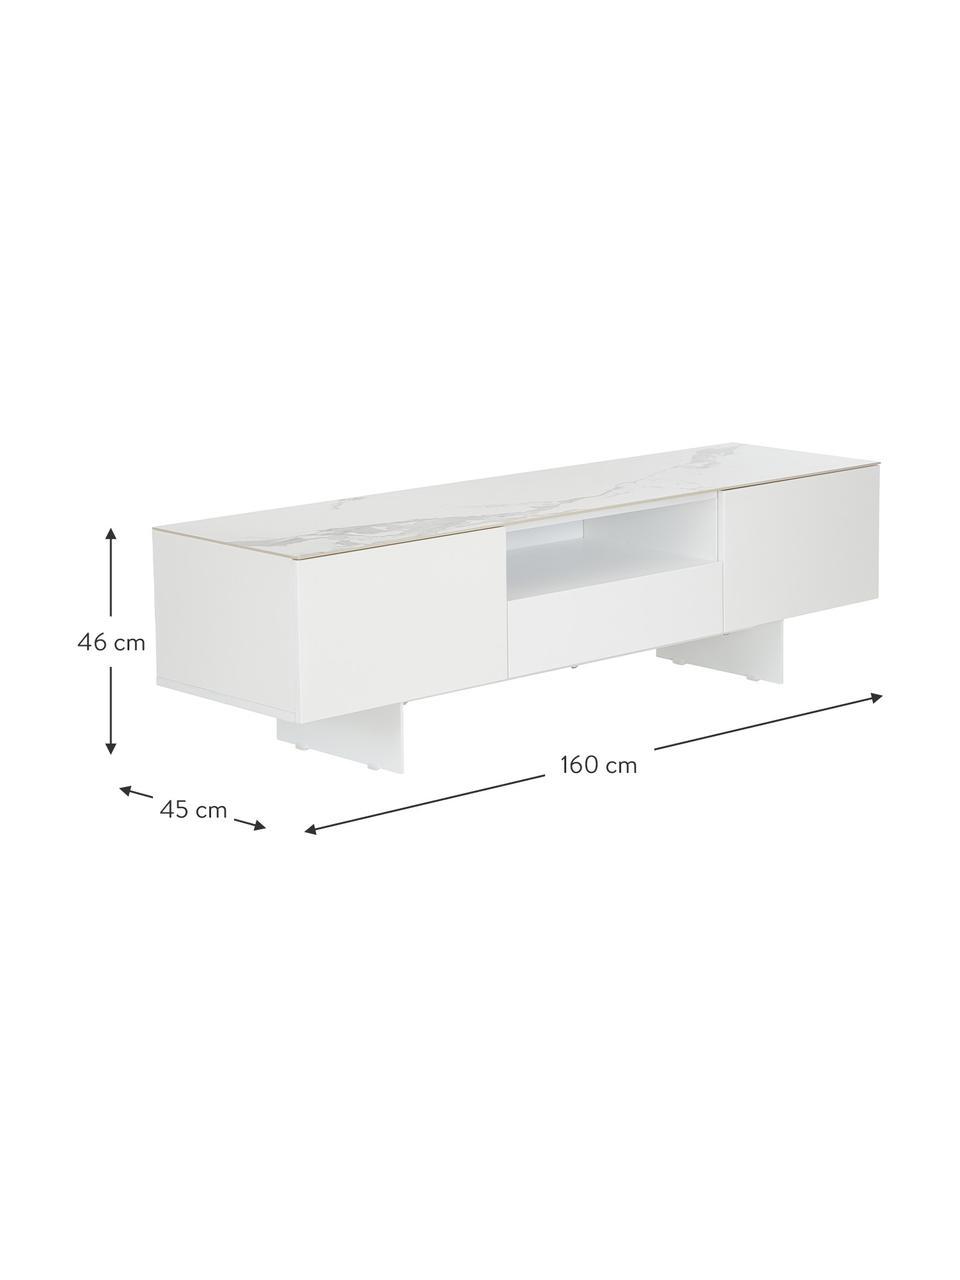 Meuble TV blanc avec plateau aspect marbre Fiona, Corps: blanc, mat Pieds: blanc, mat Tablette: blanc, marbré